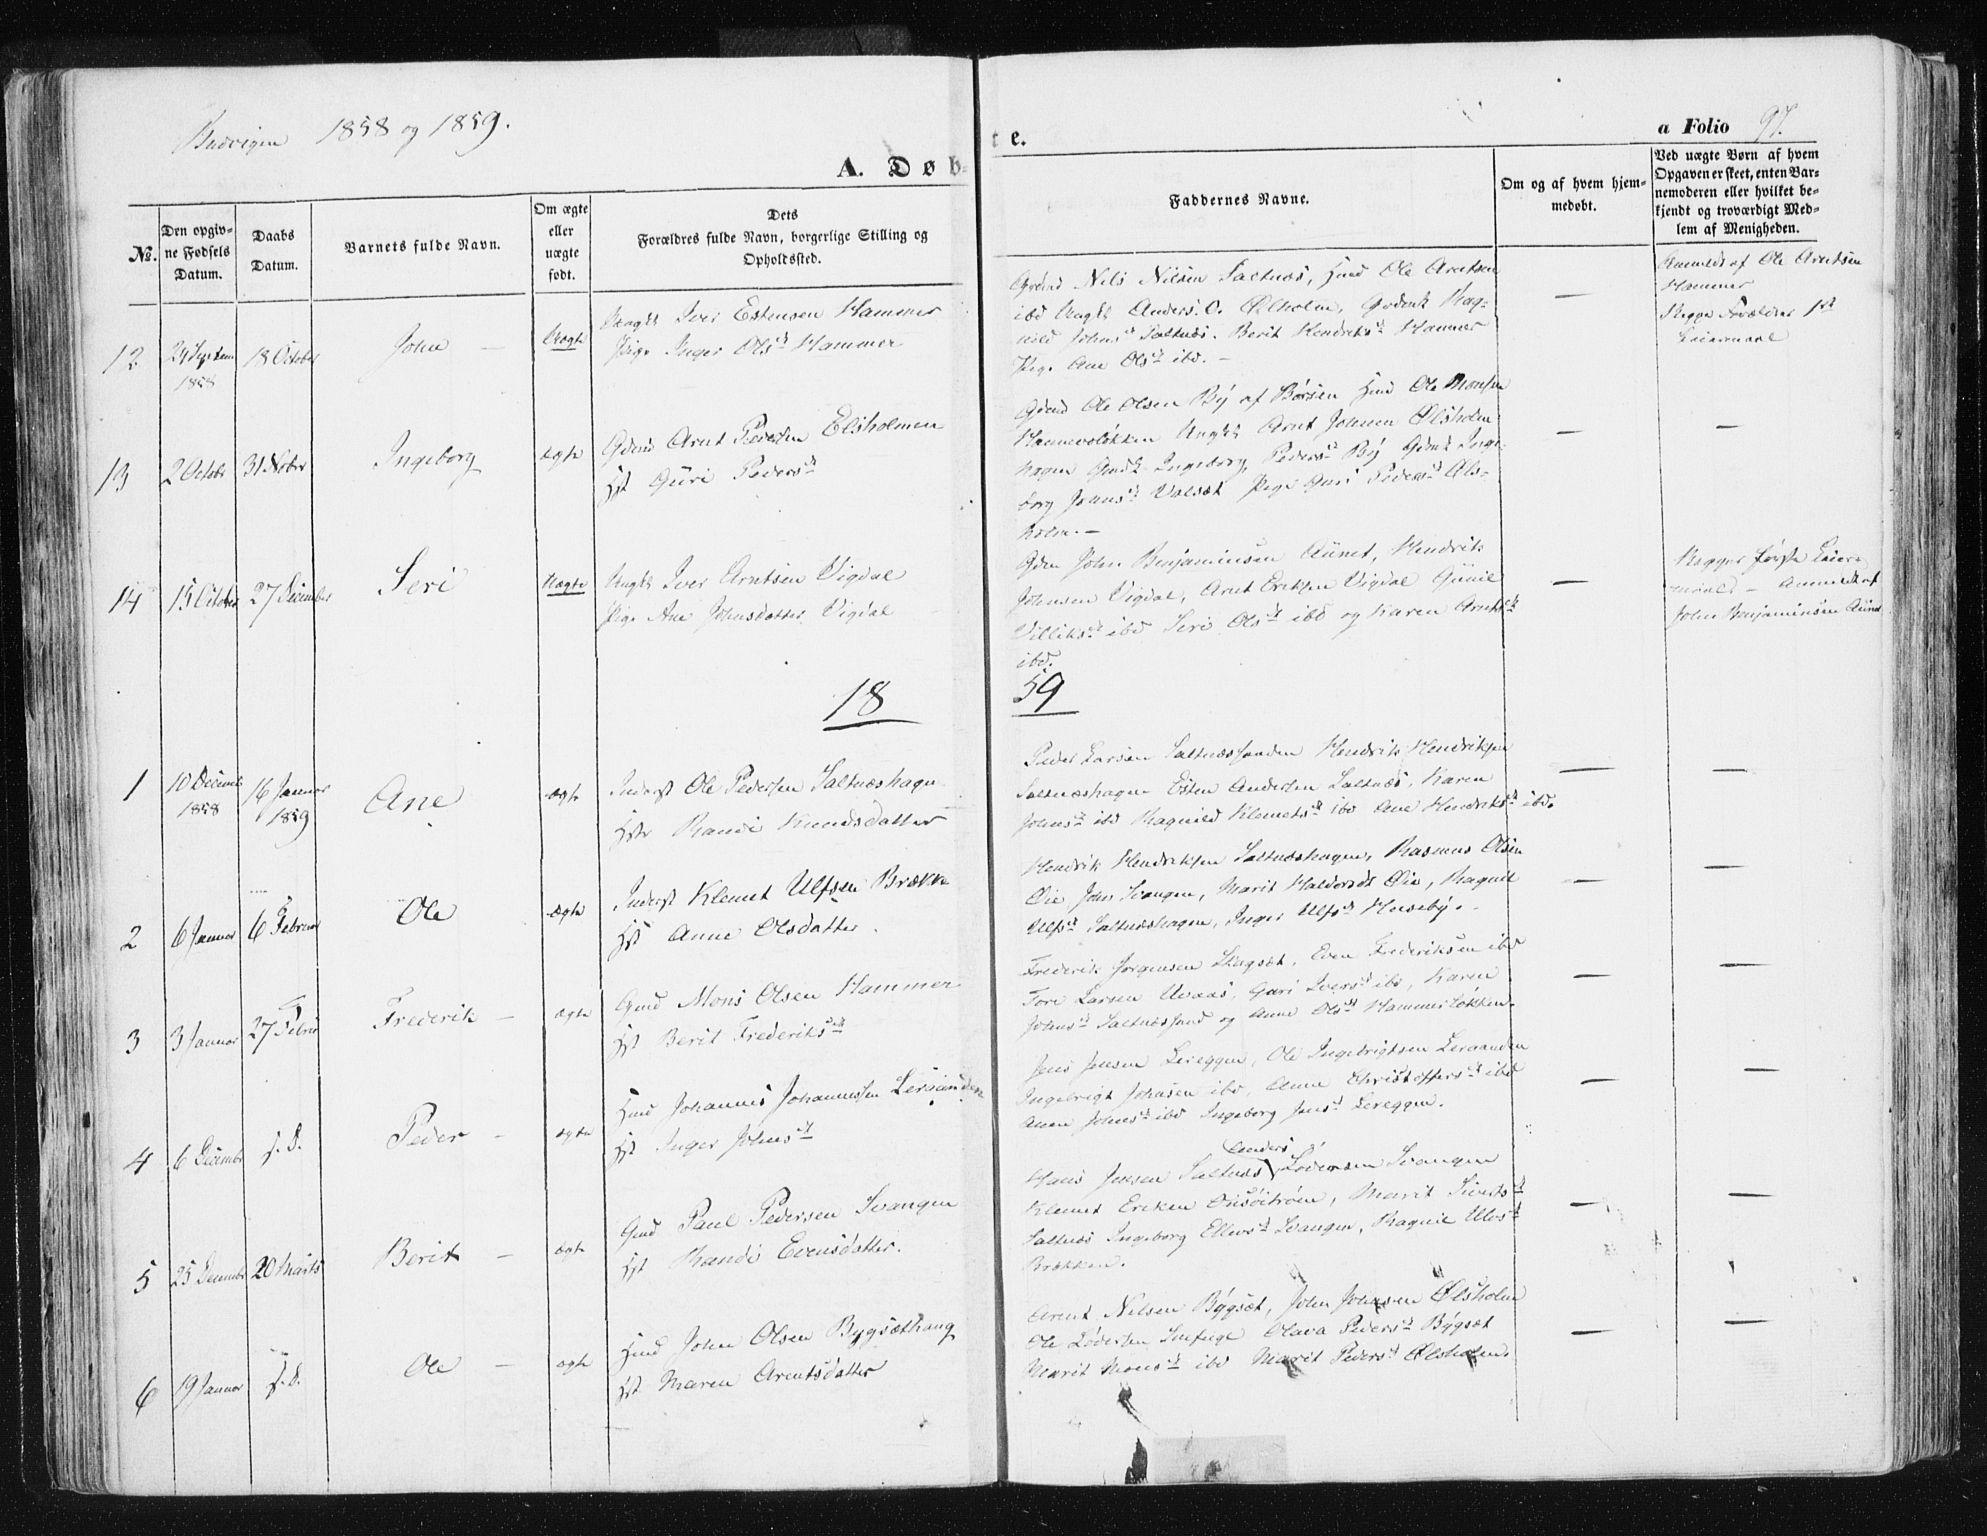 SAT, Ministerialprotokoller, klokkerbøker og fødselsregistre - Sør-Trøndelag, 612/L0376: Ministerialbok nr. 612A08, 1846-1859, s. 97